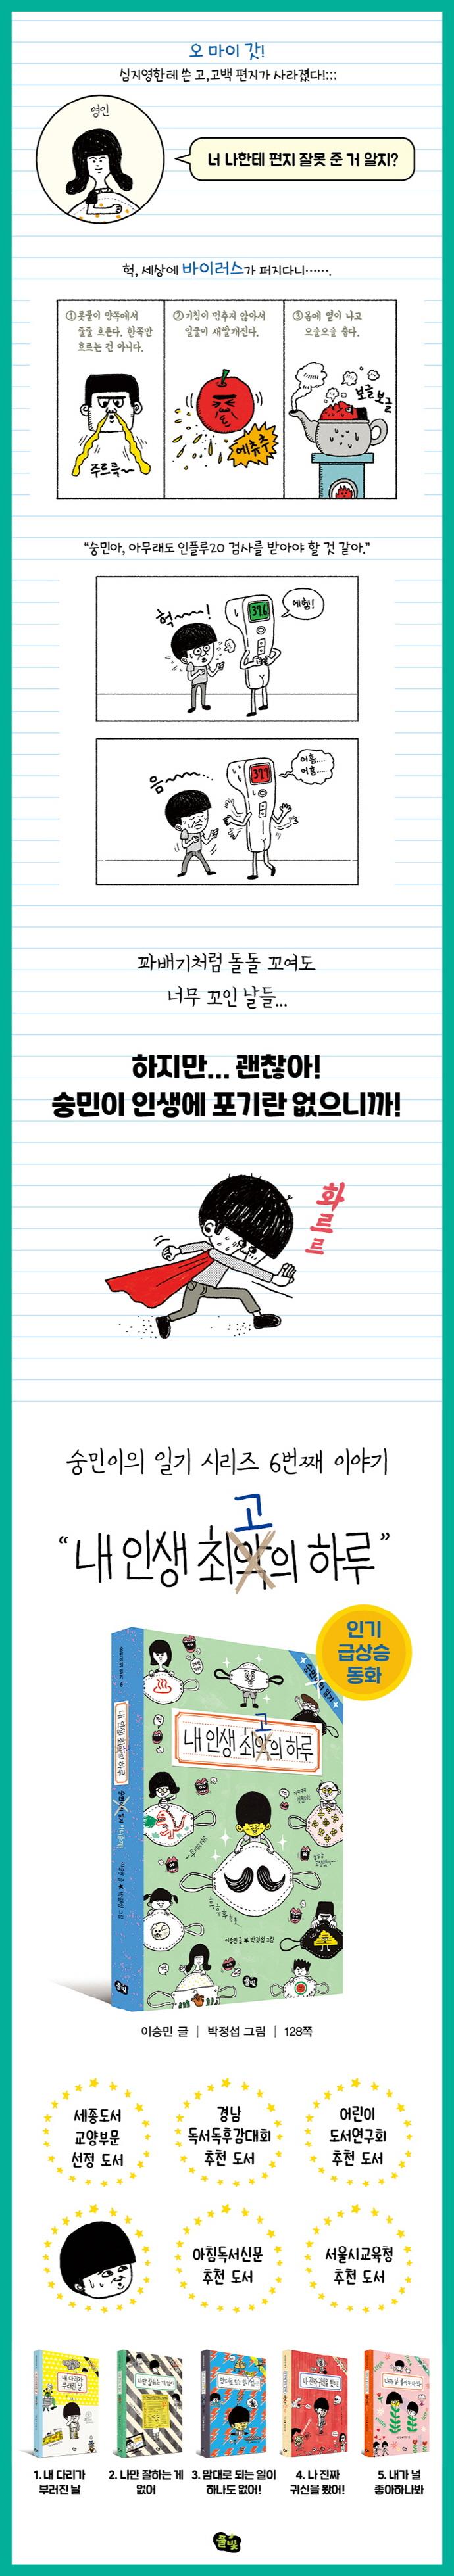 내 인생 최고의 하루(숭민이의 일기 시리즈)(양장본 HardCover) 도서 상세이미지